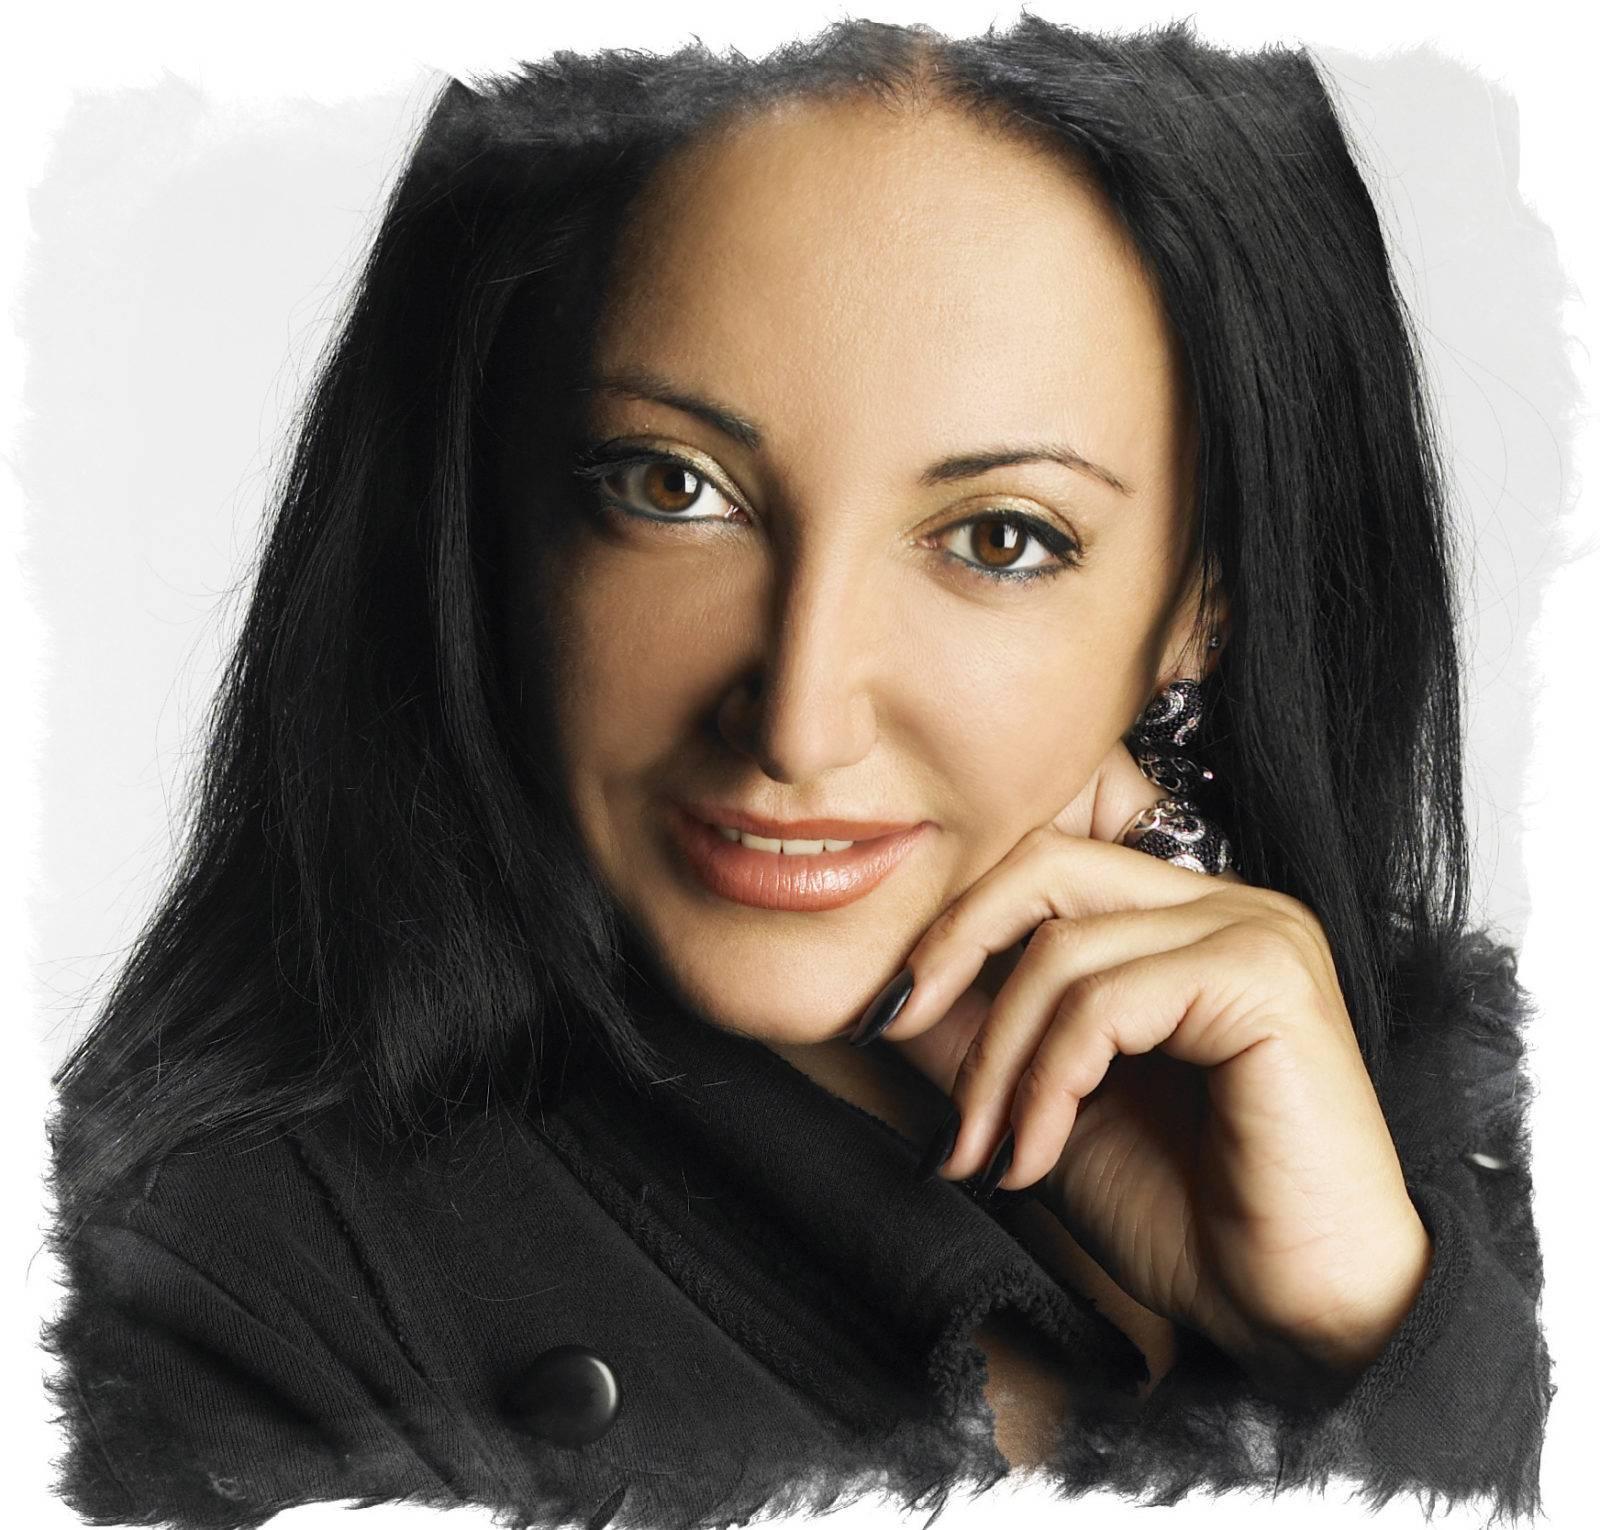 Фатима хадуева - биография, информация, личная жизнь